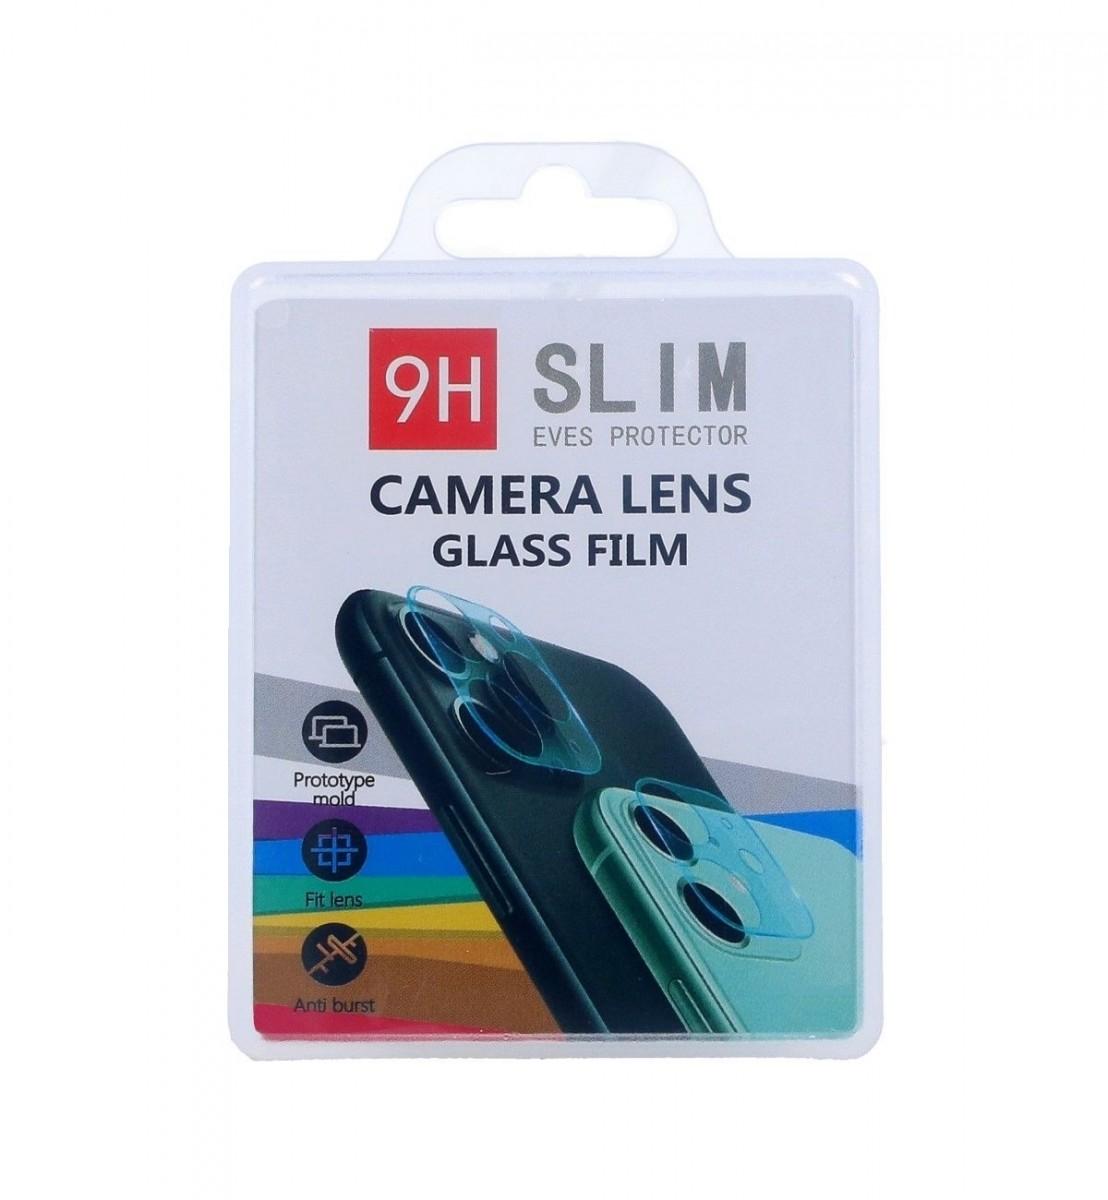 Tvrzené sklo TopQ na zadní fotoaparát Xiaomi Redmi 7A 53746 (ochranné sklo na zadní čočku fotoaparátu Xiaomi Redmi 7A)